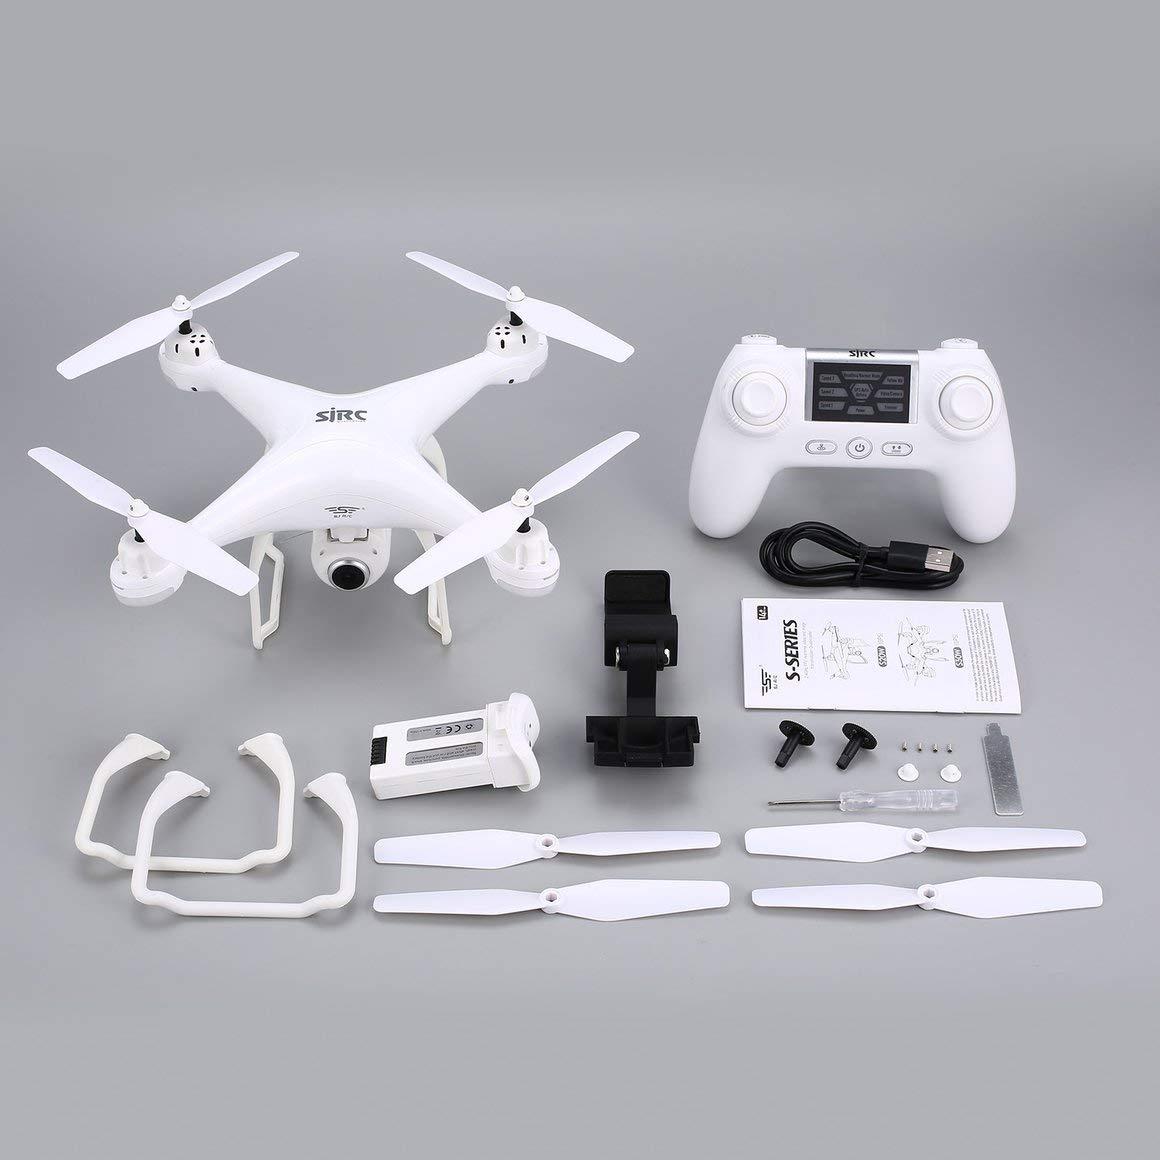 Funnyrunstore SJ R   C S20W FPV 1080P Camera Selfie Altitude Hold Drone modalità Headless Ritorno Automatico Decollo   atterraggio Hover GPS RC Quadcopter